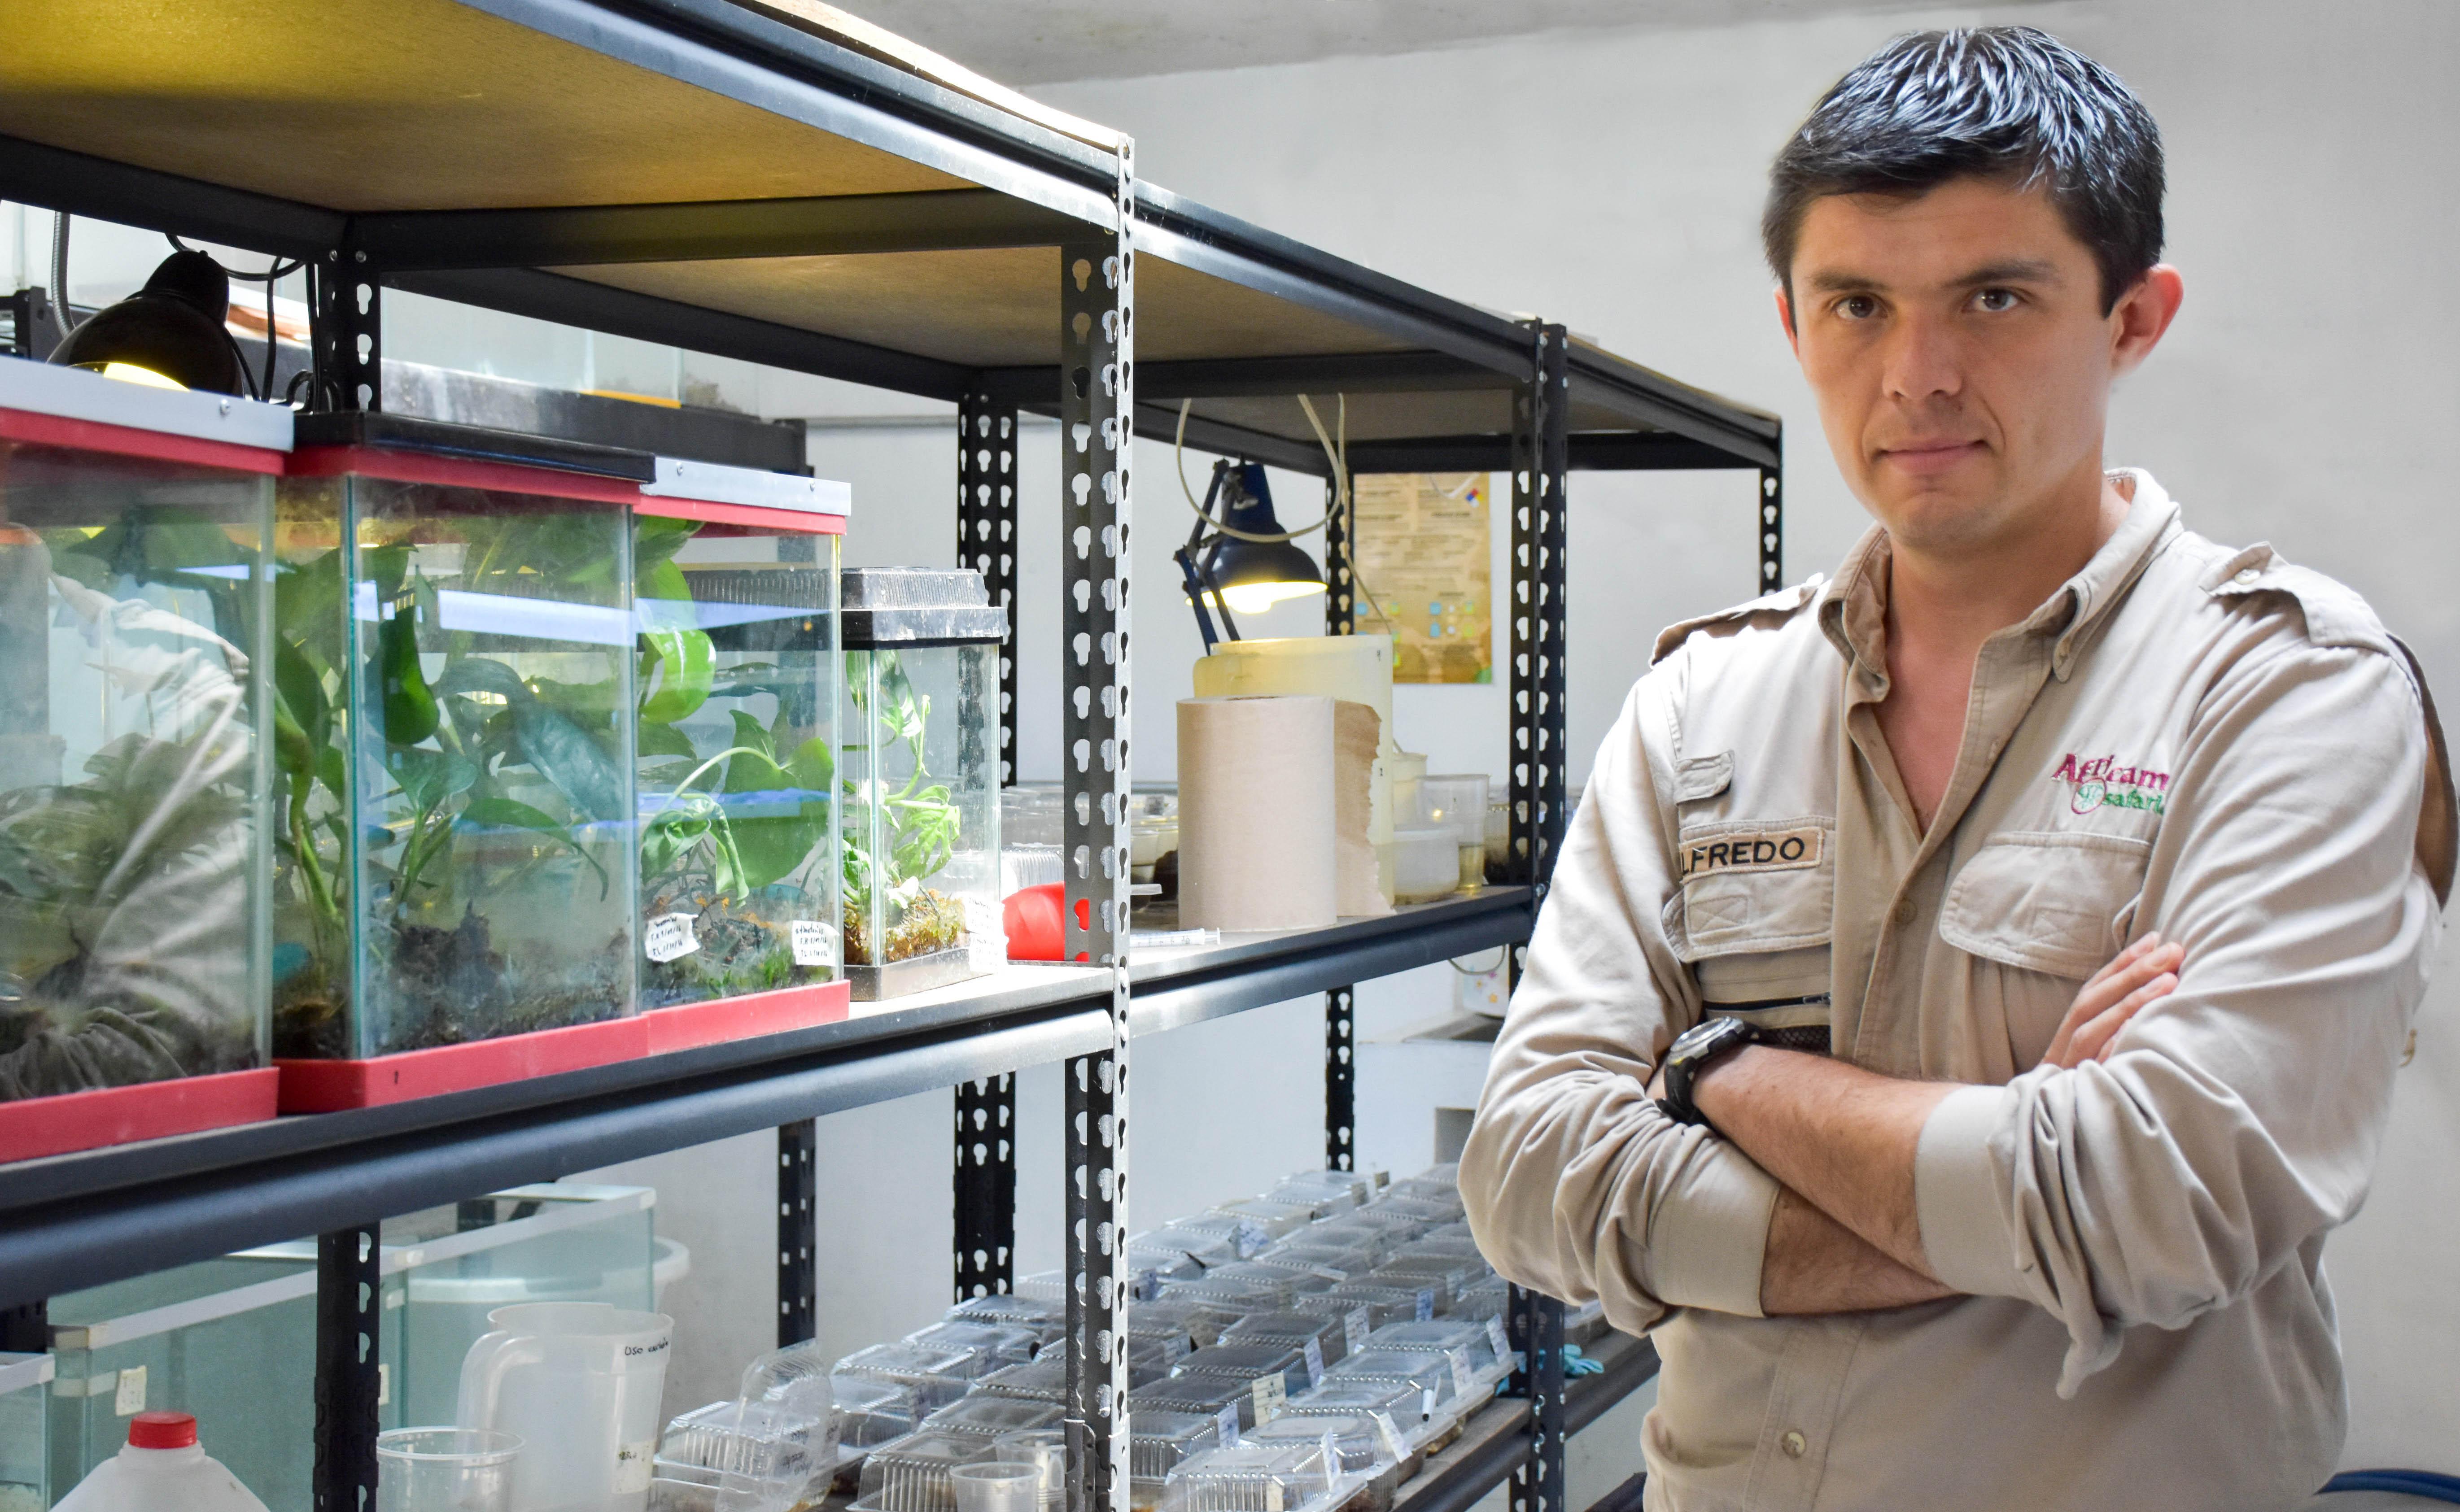 Egresado UDLAP hará laboratorio para especies endémicas de Puebla